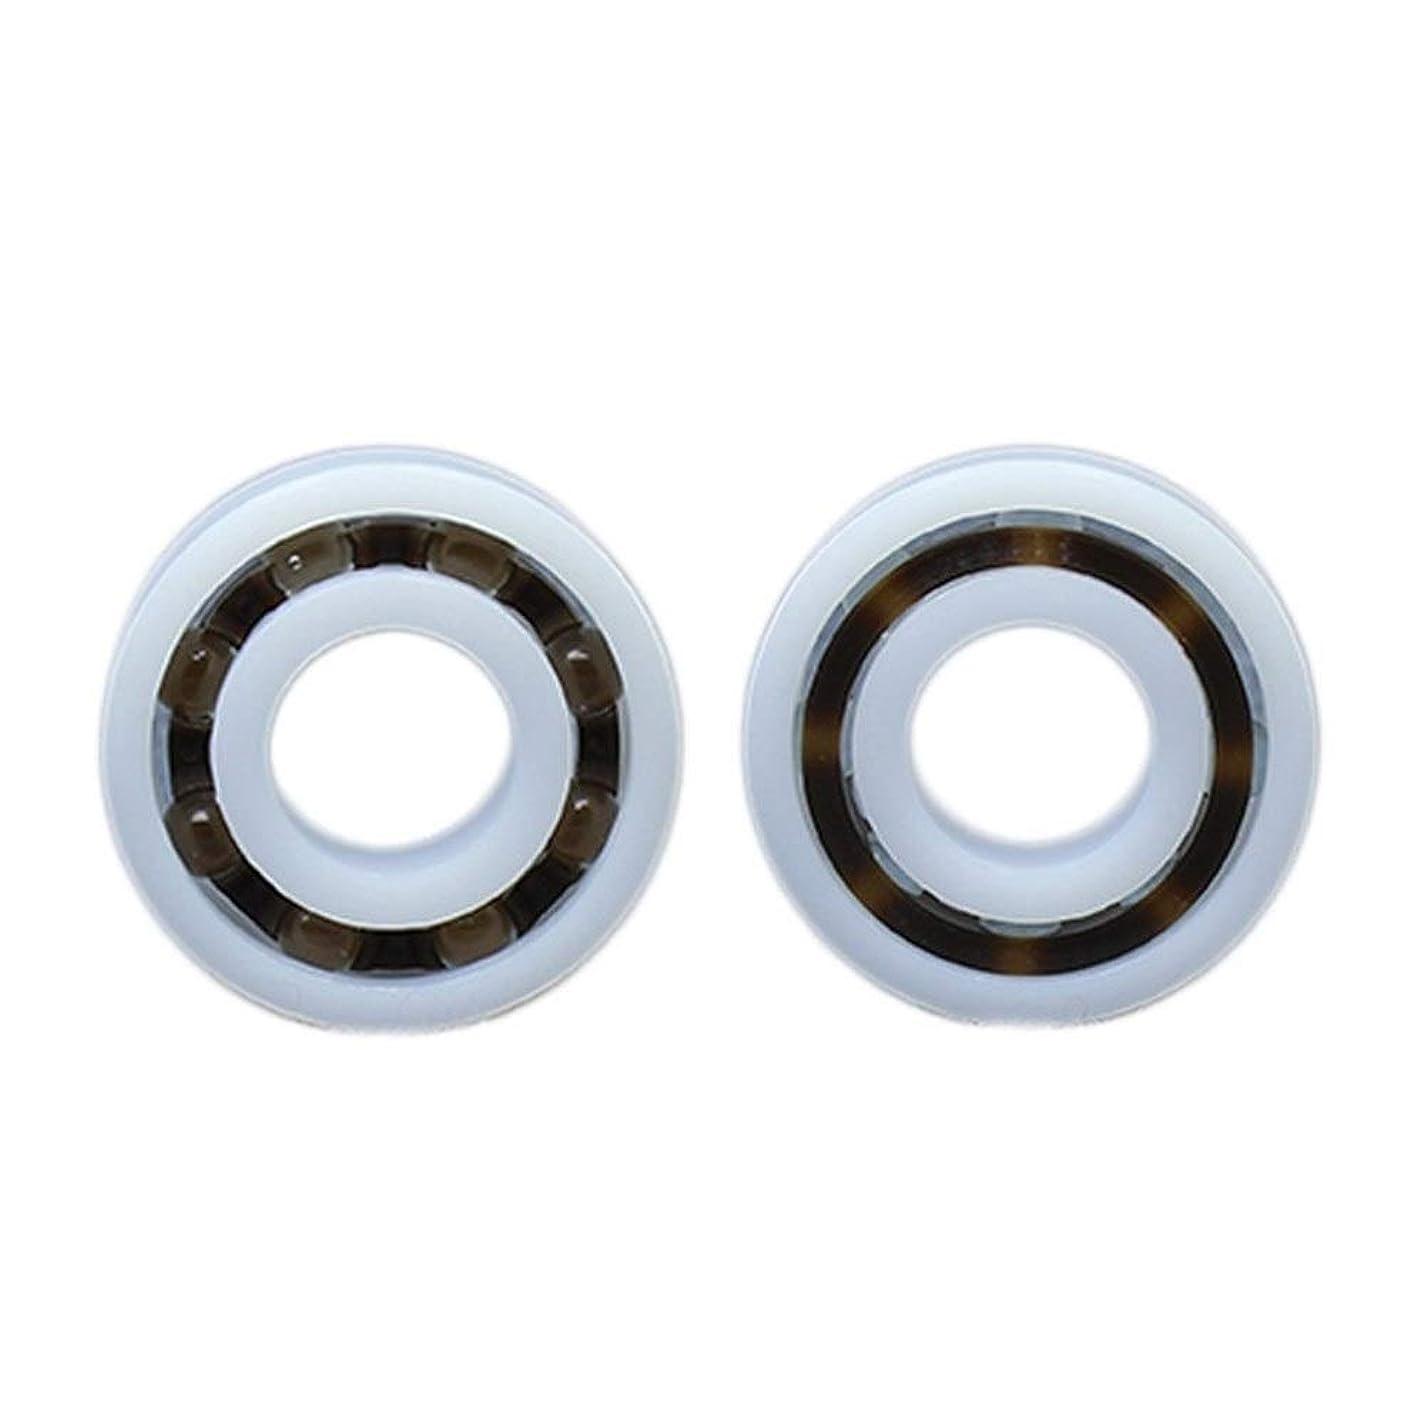 押す周りなに耐久性 POMベアリング6204個の6205 6206 6207 6208 6209 6210個のガラス玉ナイロンケージプラスチックボールベアリング(2 PCS) (Size : POM6209 45x85x19mm)